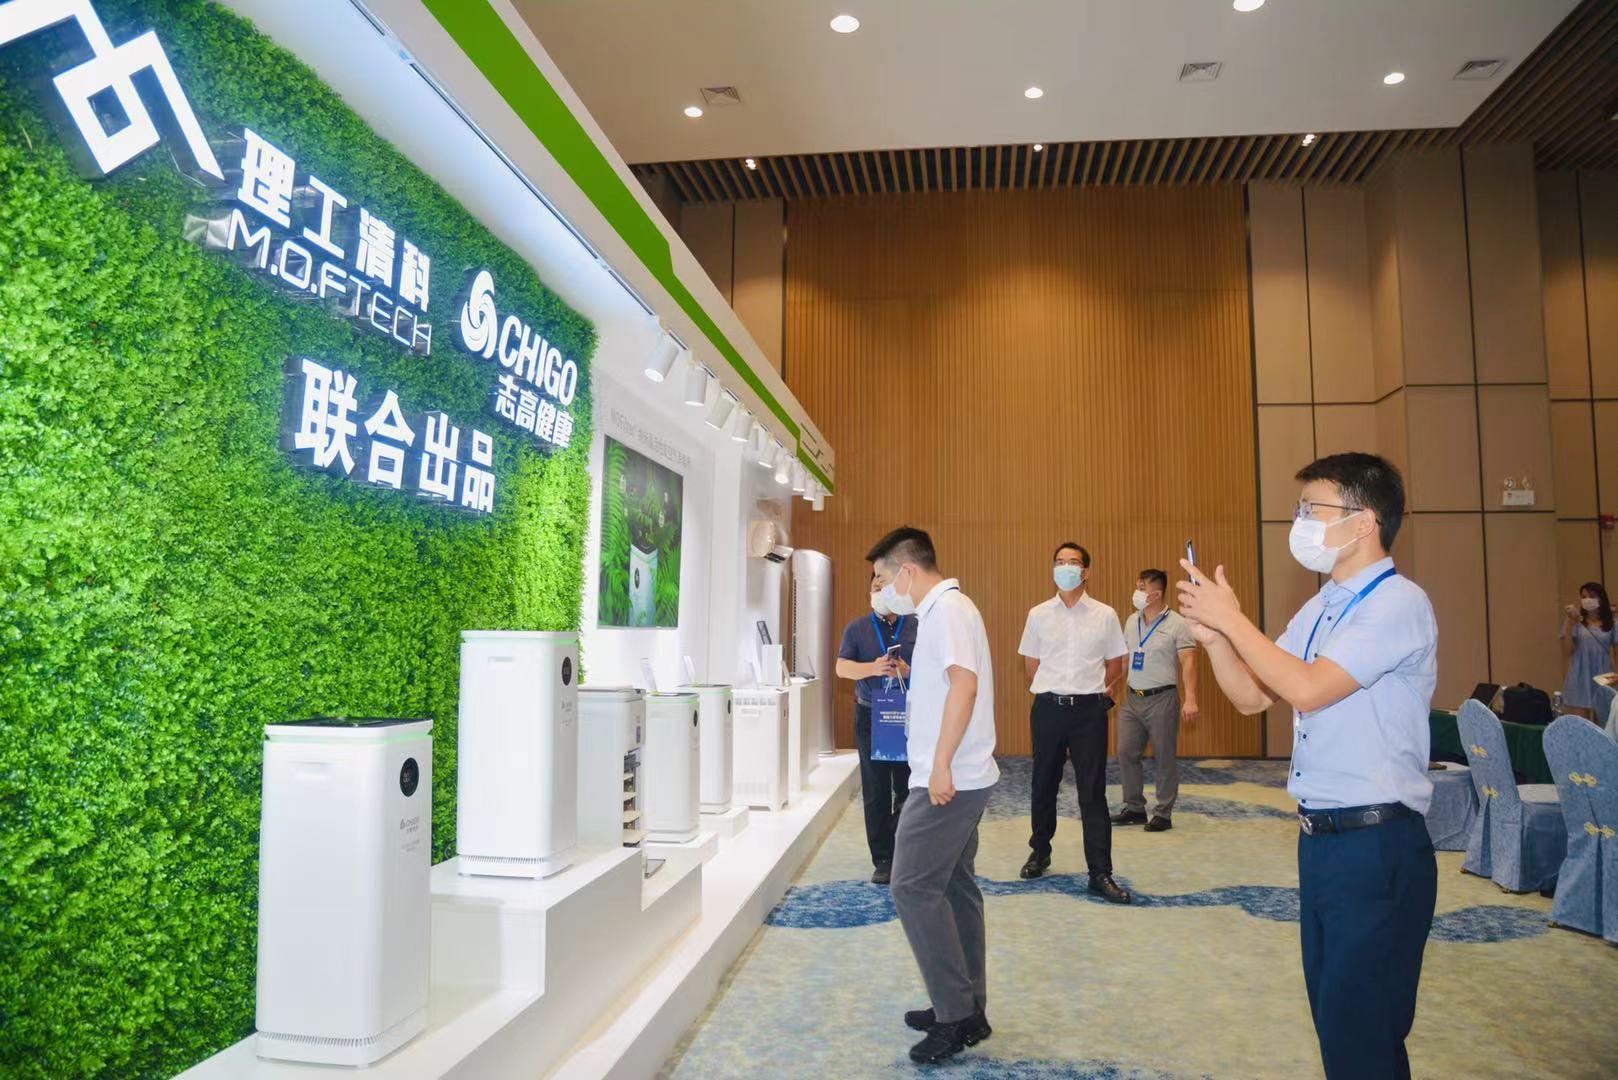 空气健康 科技保障——志高MOF空气消毒机上市